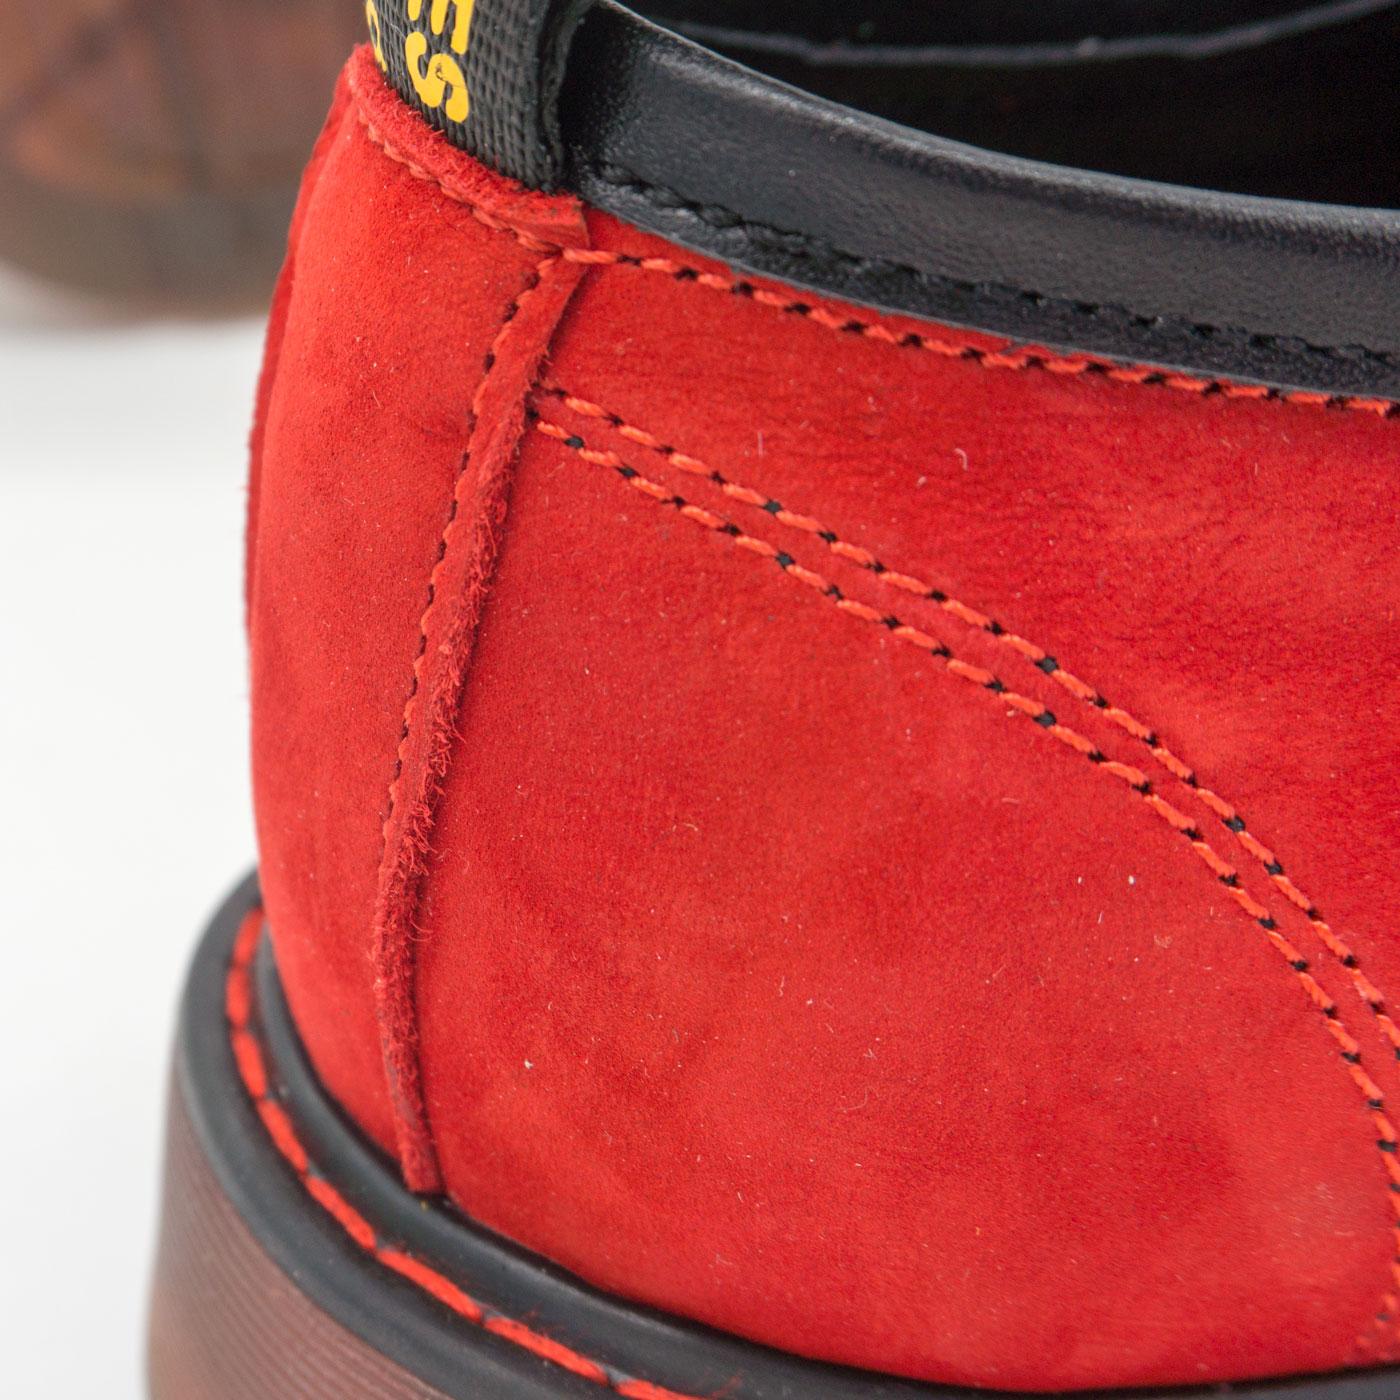 фото bottom Красные женские туфли Dr. Martens, натуральная замша bottom